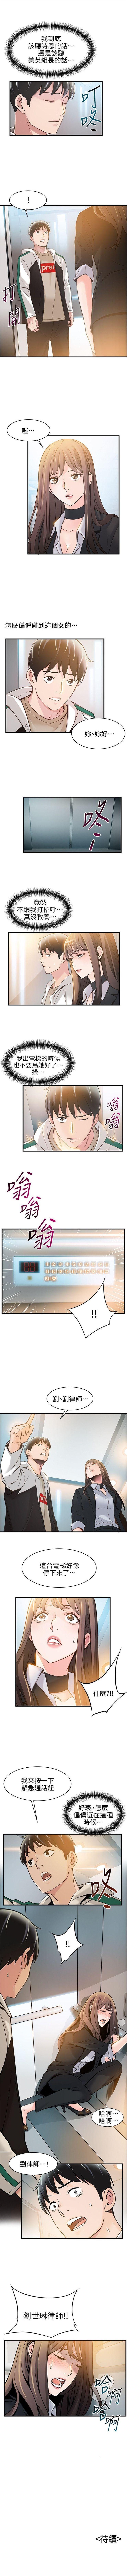 (週7)弱點 1-76 中文翻譯(更新中) 65